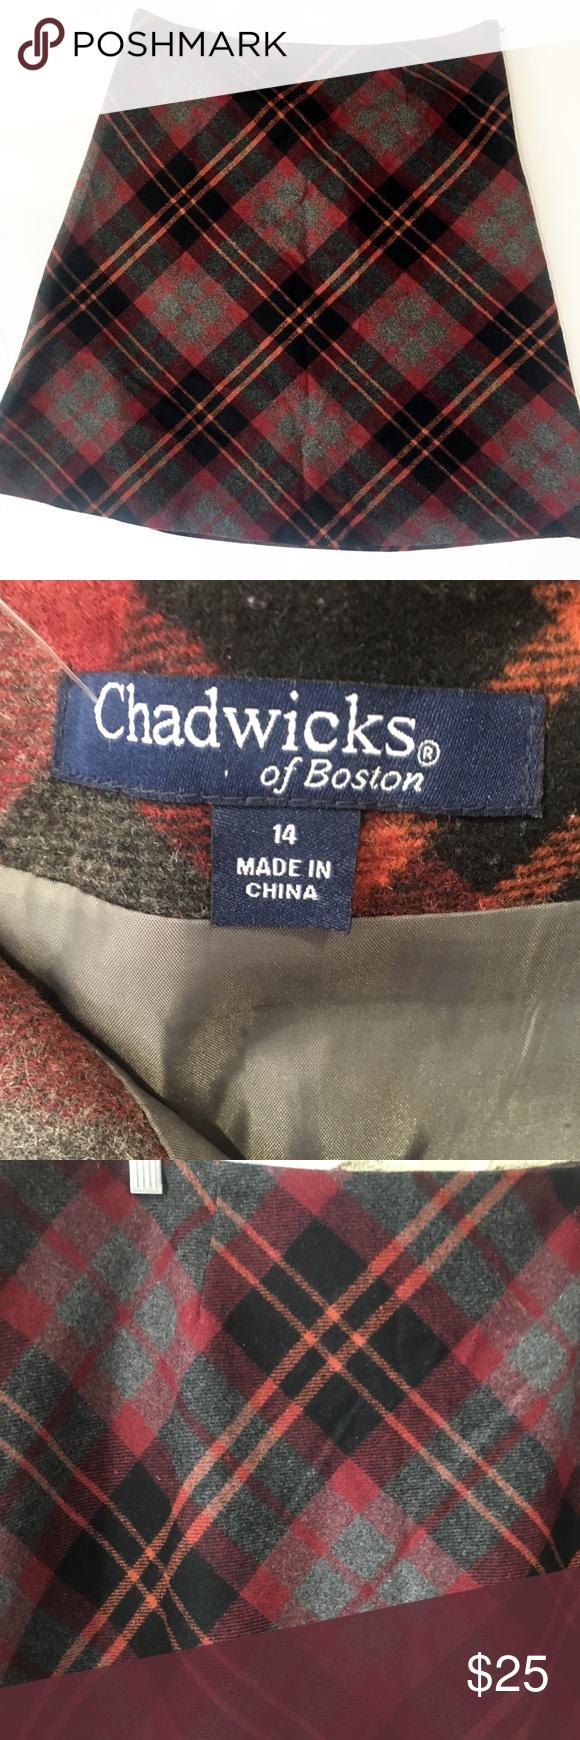 Chadwick's Plaid Full Skirt sz 14 Chadwick's Full circle skirt. Size 14. Red plaid. EUC. Chadwicks Skirts #fullskirtoutfit